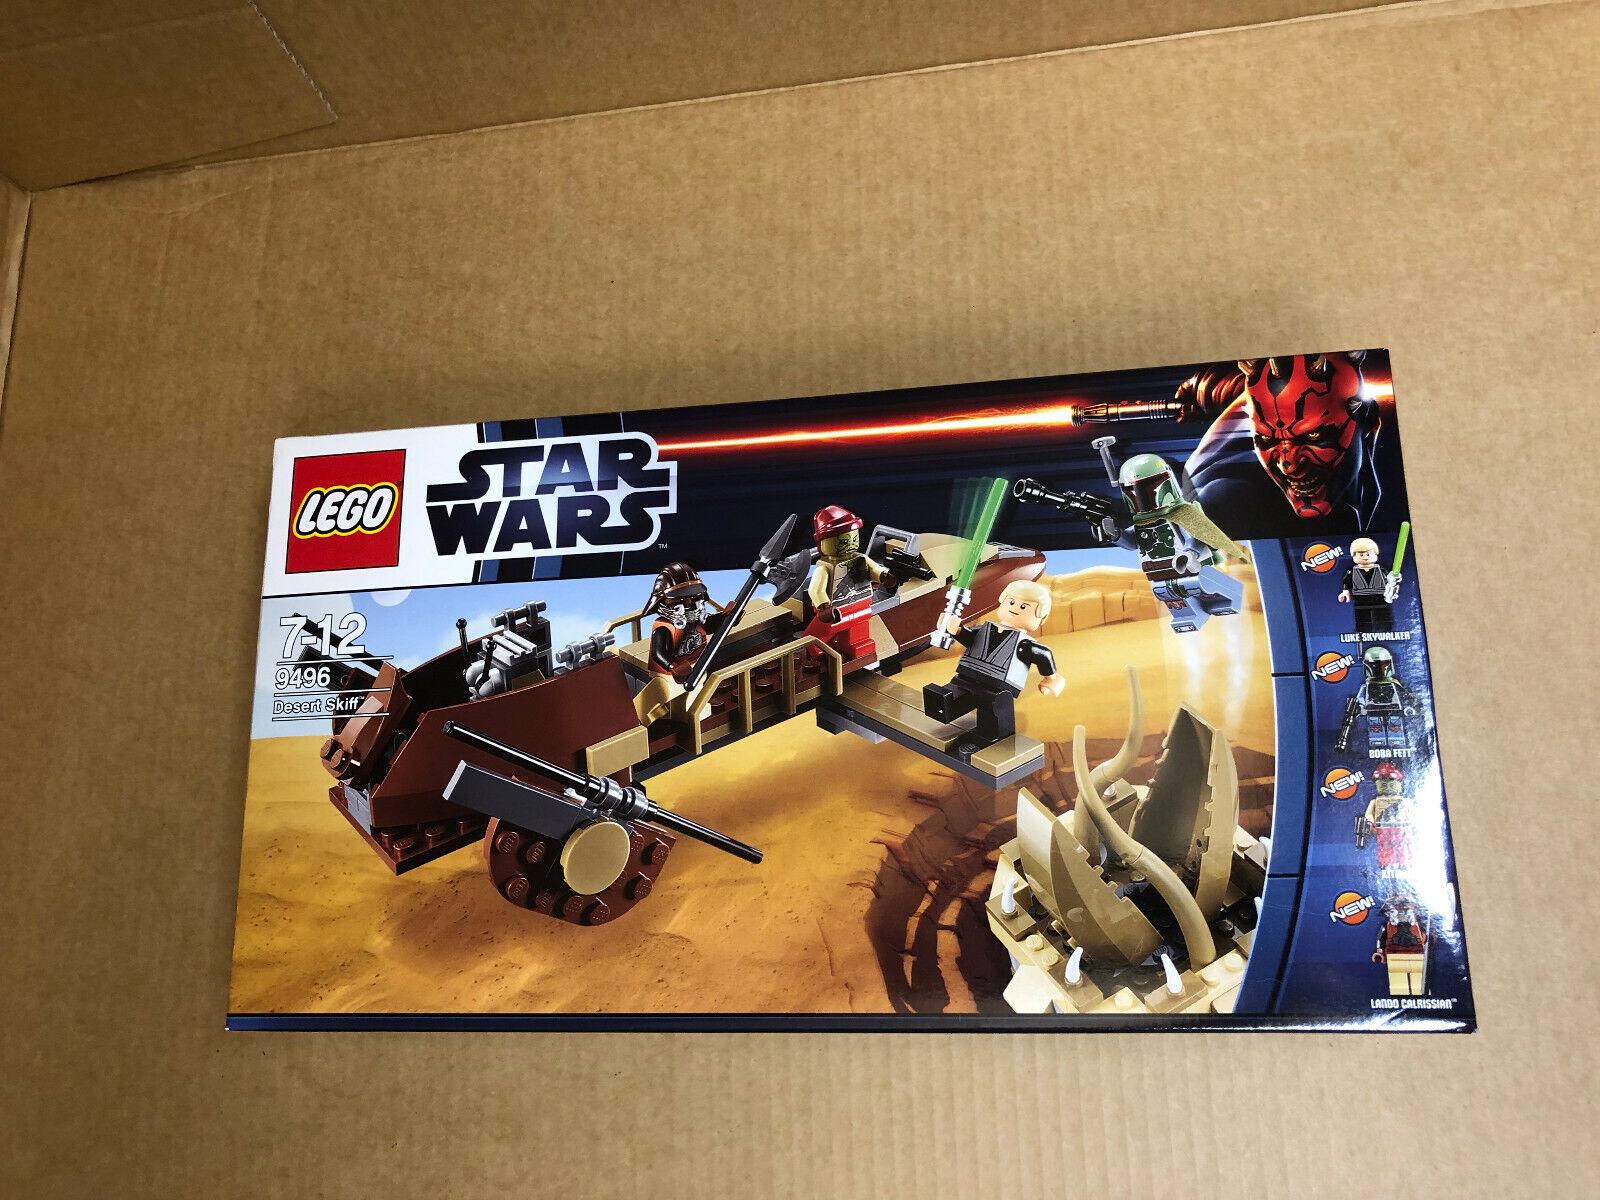 LEGO Star Wars 9496 Desert Skiff NUOVO IN SCATOLA ORIGINALE